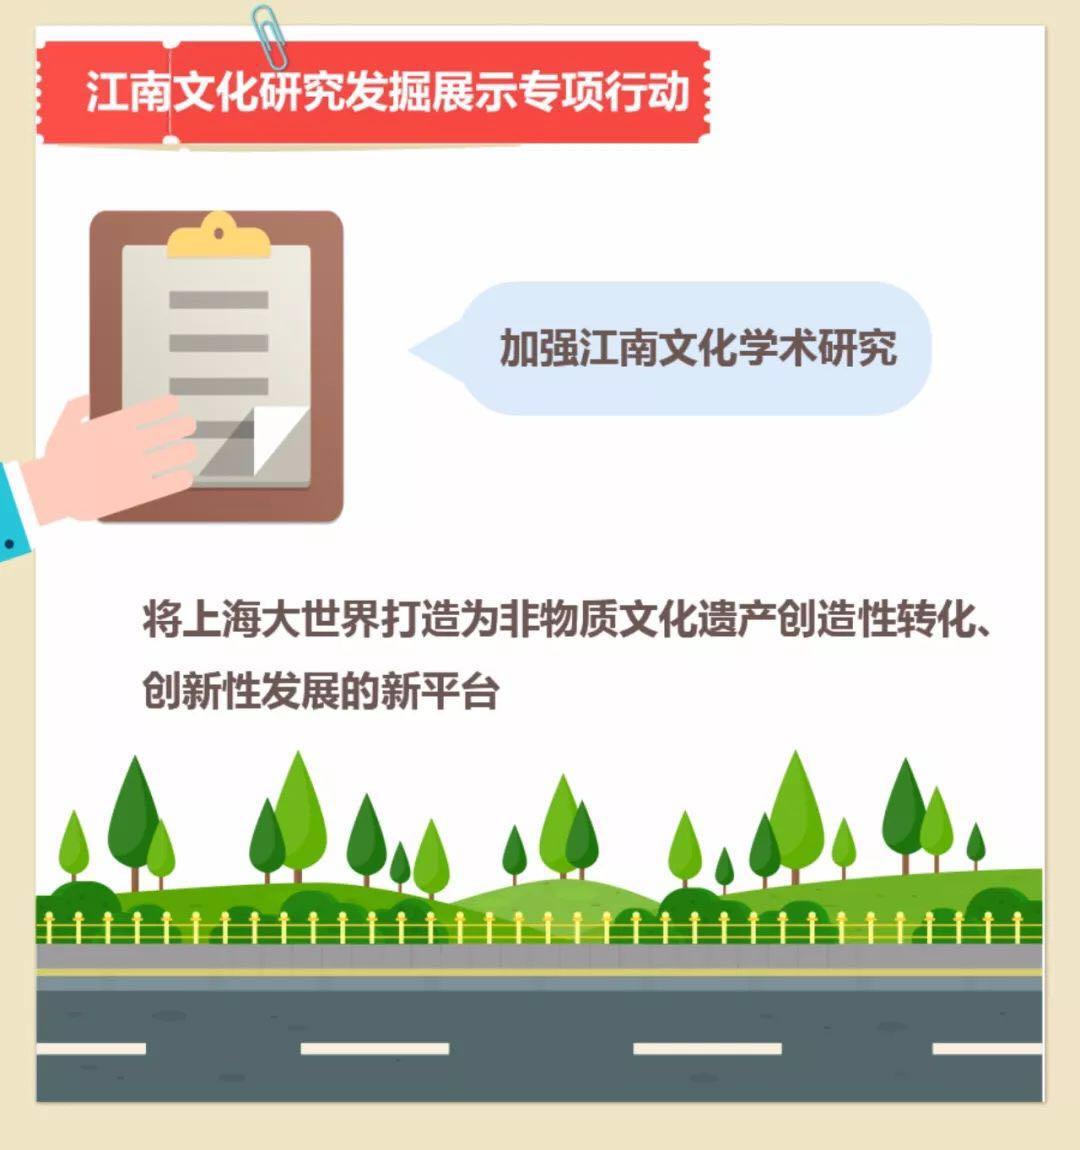 """""""上海文化""""品牌建设如何推进?一张长图看懂!"""